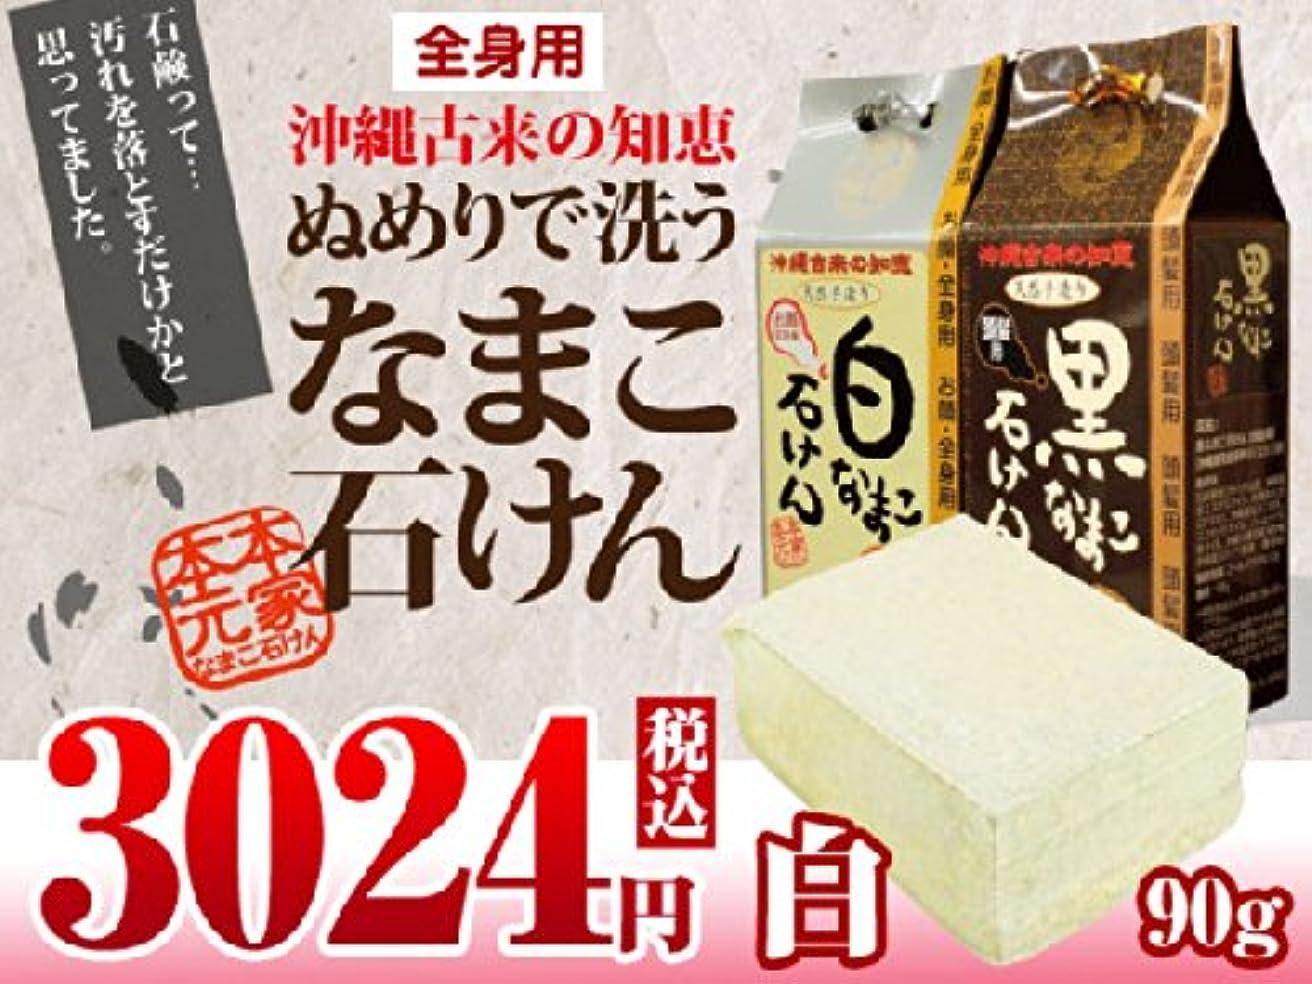 参照する不満ペルー白なまこ石けん 箱入り なまこ石鹸 90g【全身用】 コラーゲンのぬめりで洗う